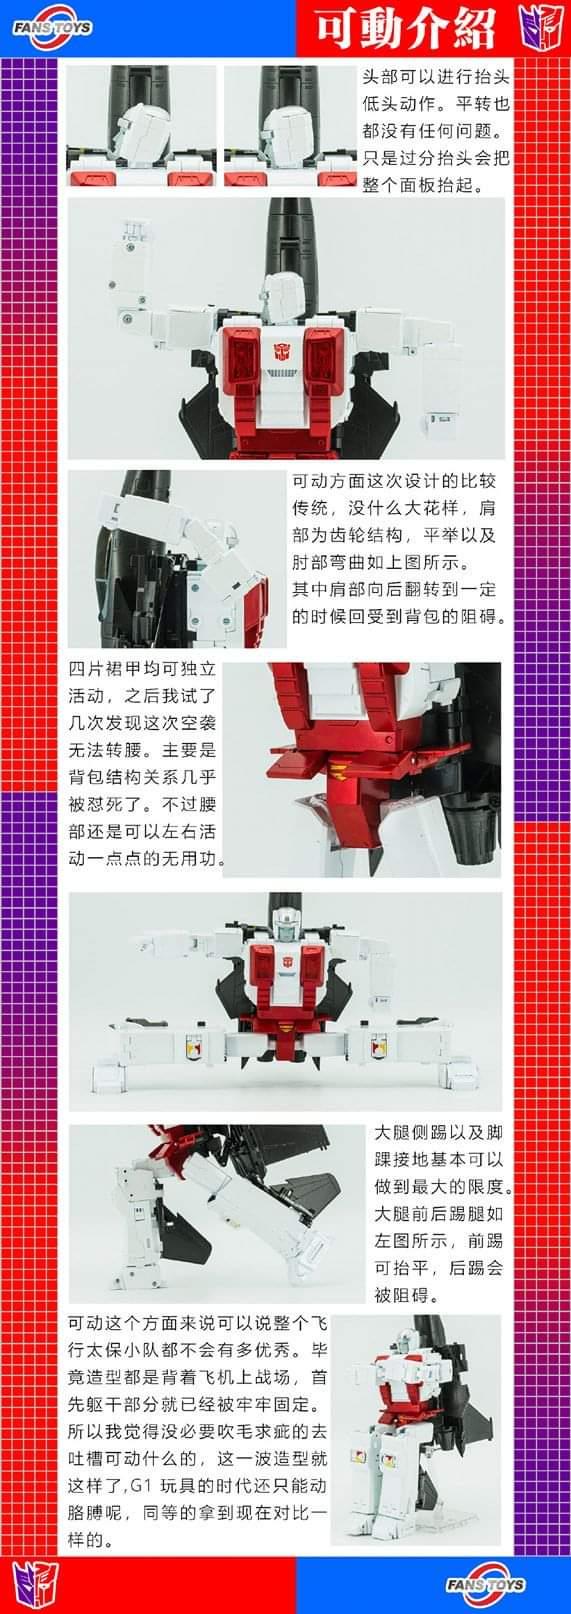 [Fanstoys] Produit Tiers - Jouet FT-30 Ethereaon (FT-30A à FT-30E) - aka Superion - Page 4 RiK4MgIx_o